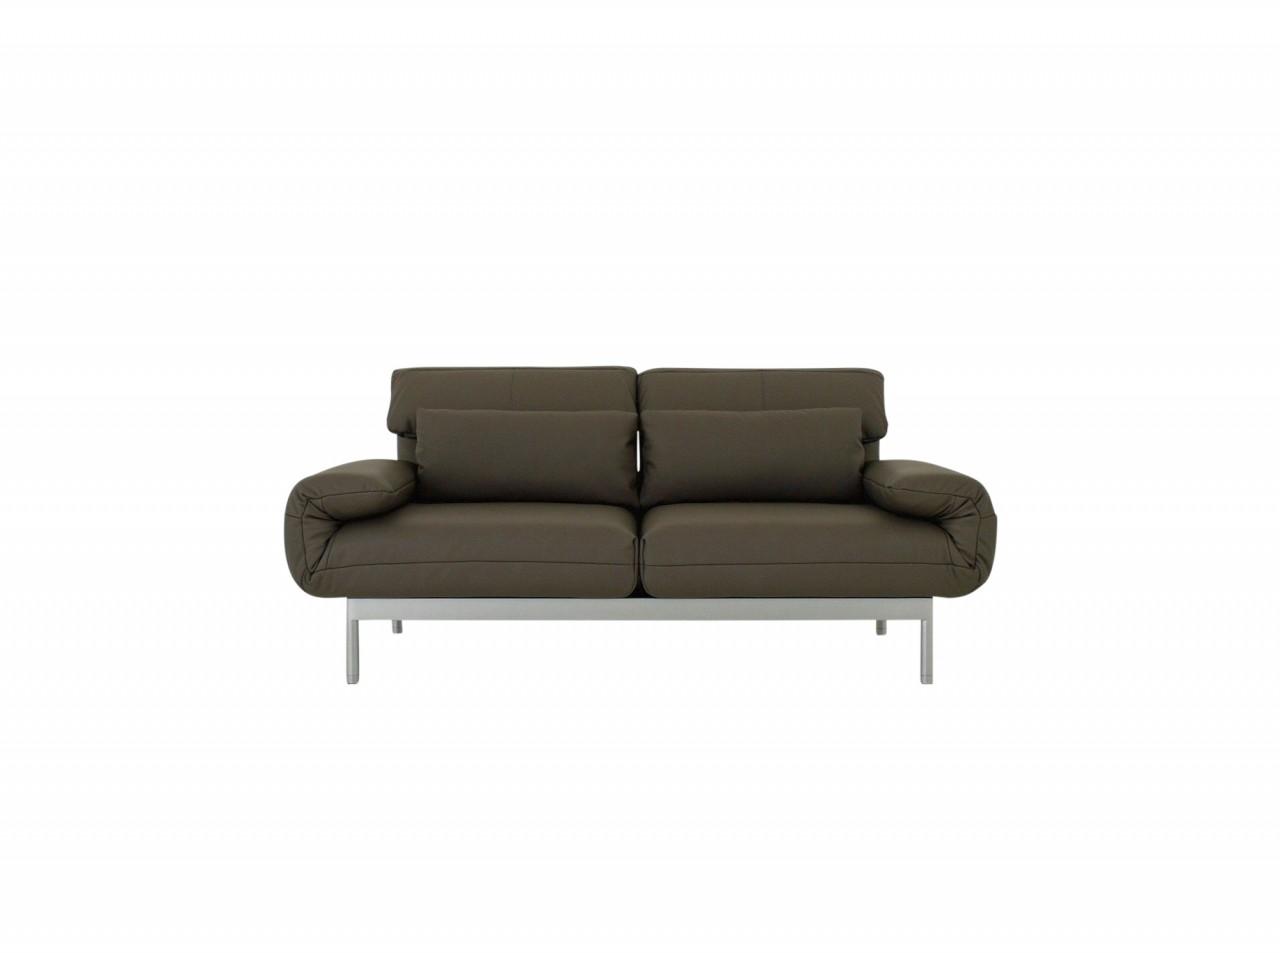 ROLF BENZ PLURA Sofa im graubraunen Leder mit silbernen Füßen im SONDERANGEBOT